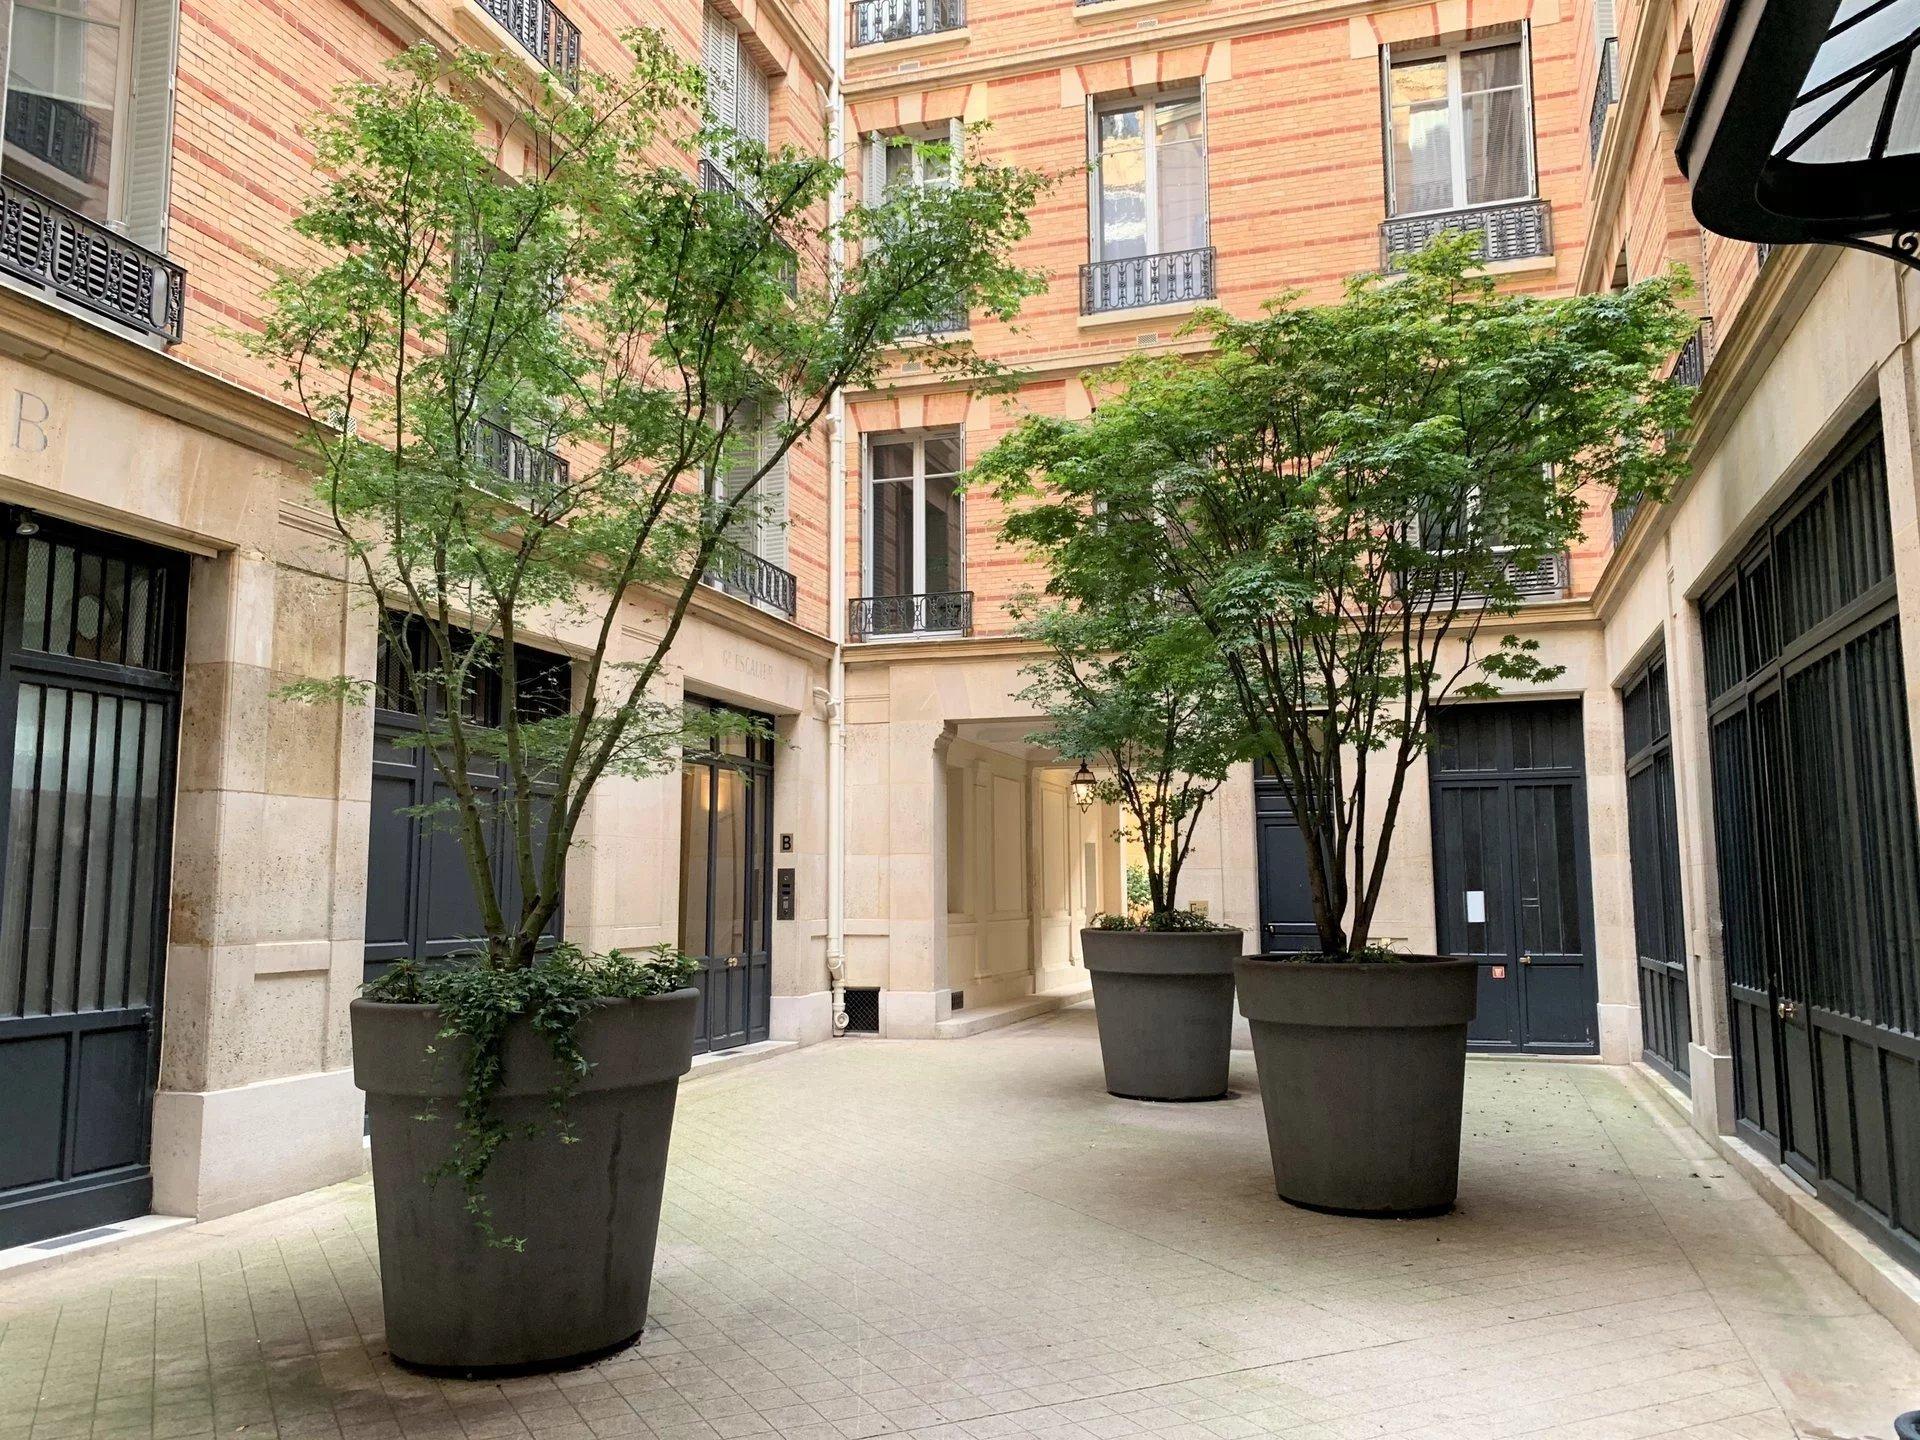 PARIS VIIe - Saint Germain - Rue de l'Université